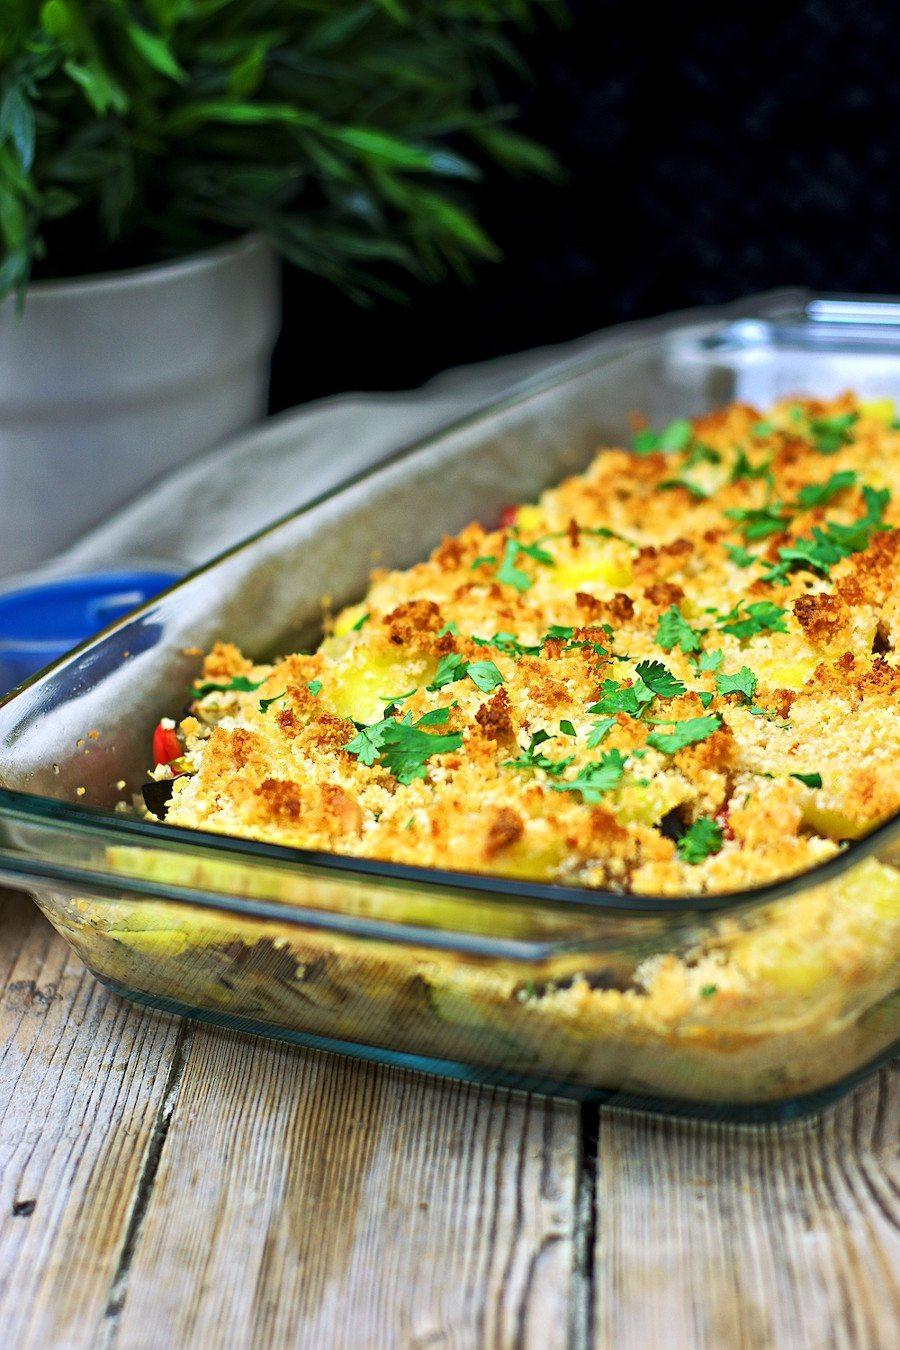 Golden baked Vegan Potato Casserole in a glass casserole.